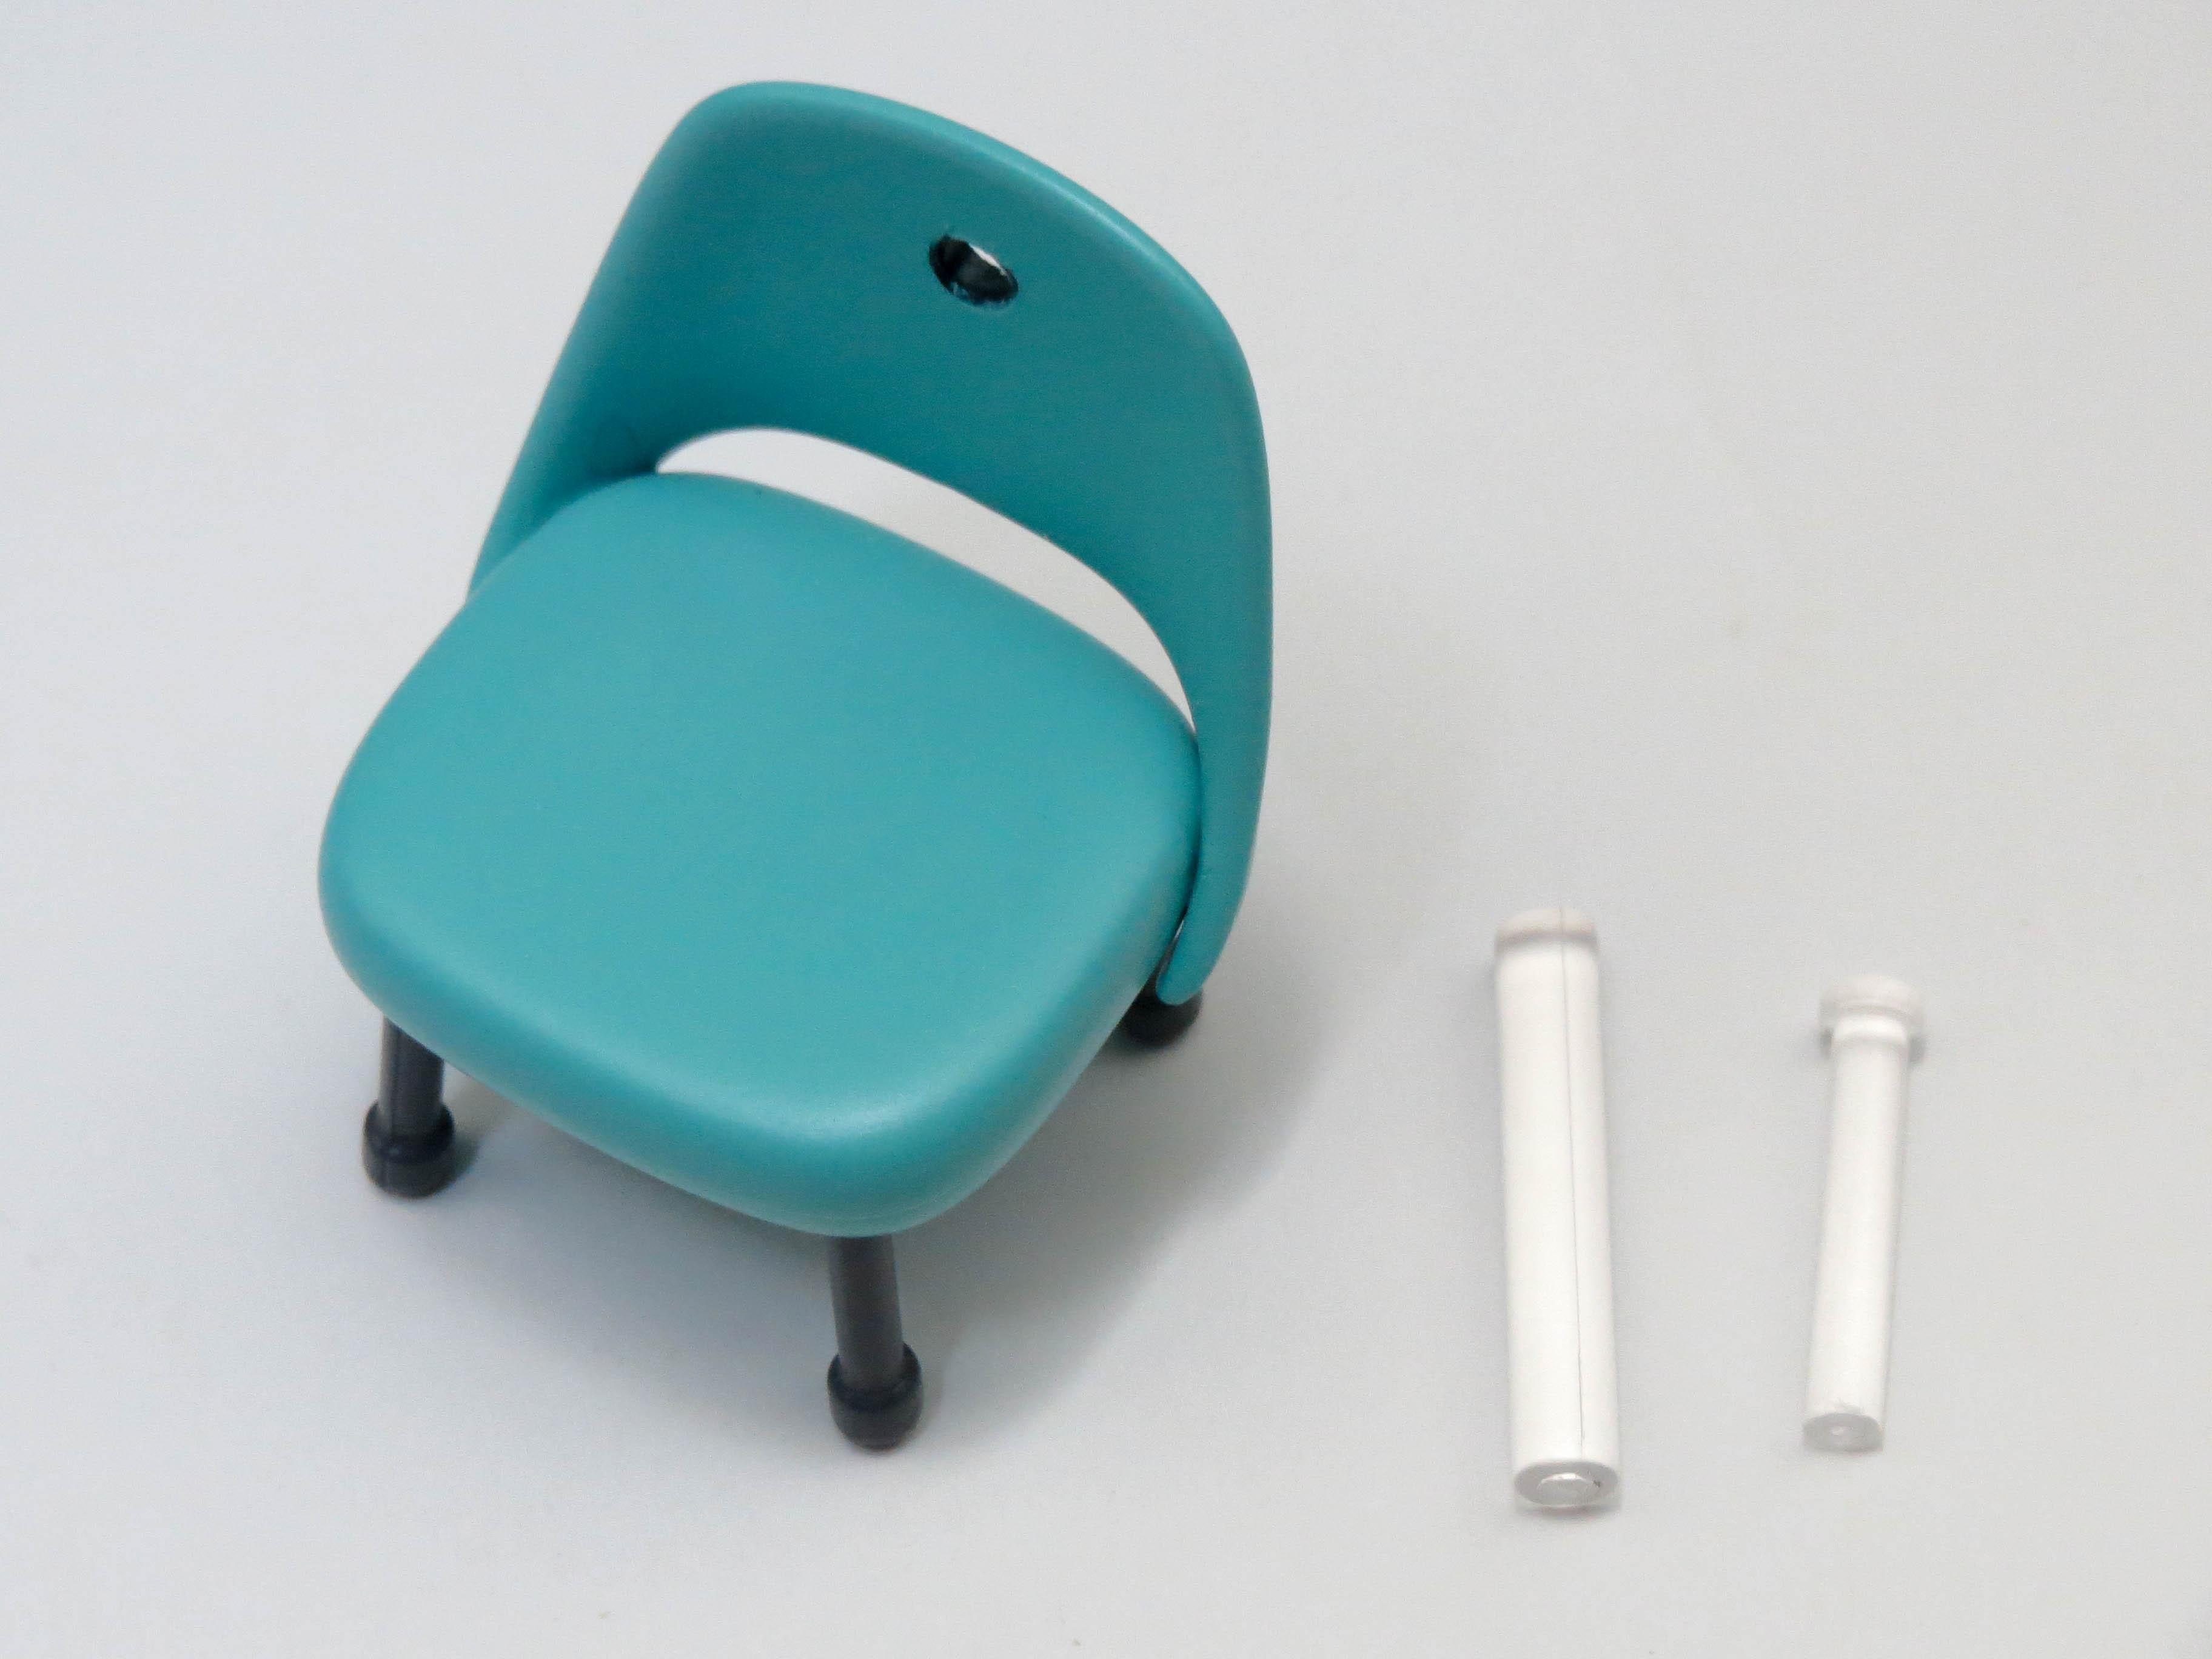 再入荷【738】 霞ヶ丘詩羽 小物パーツ 視聴覚室の椅子 ねんどろいど